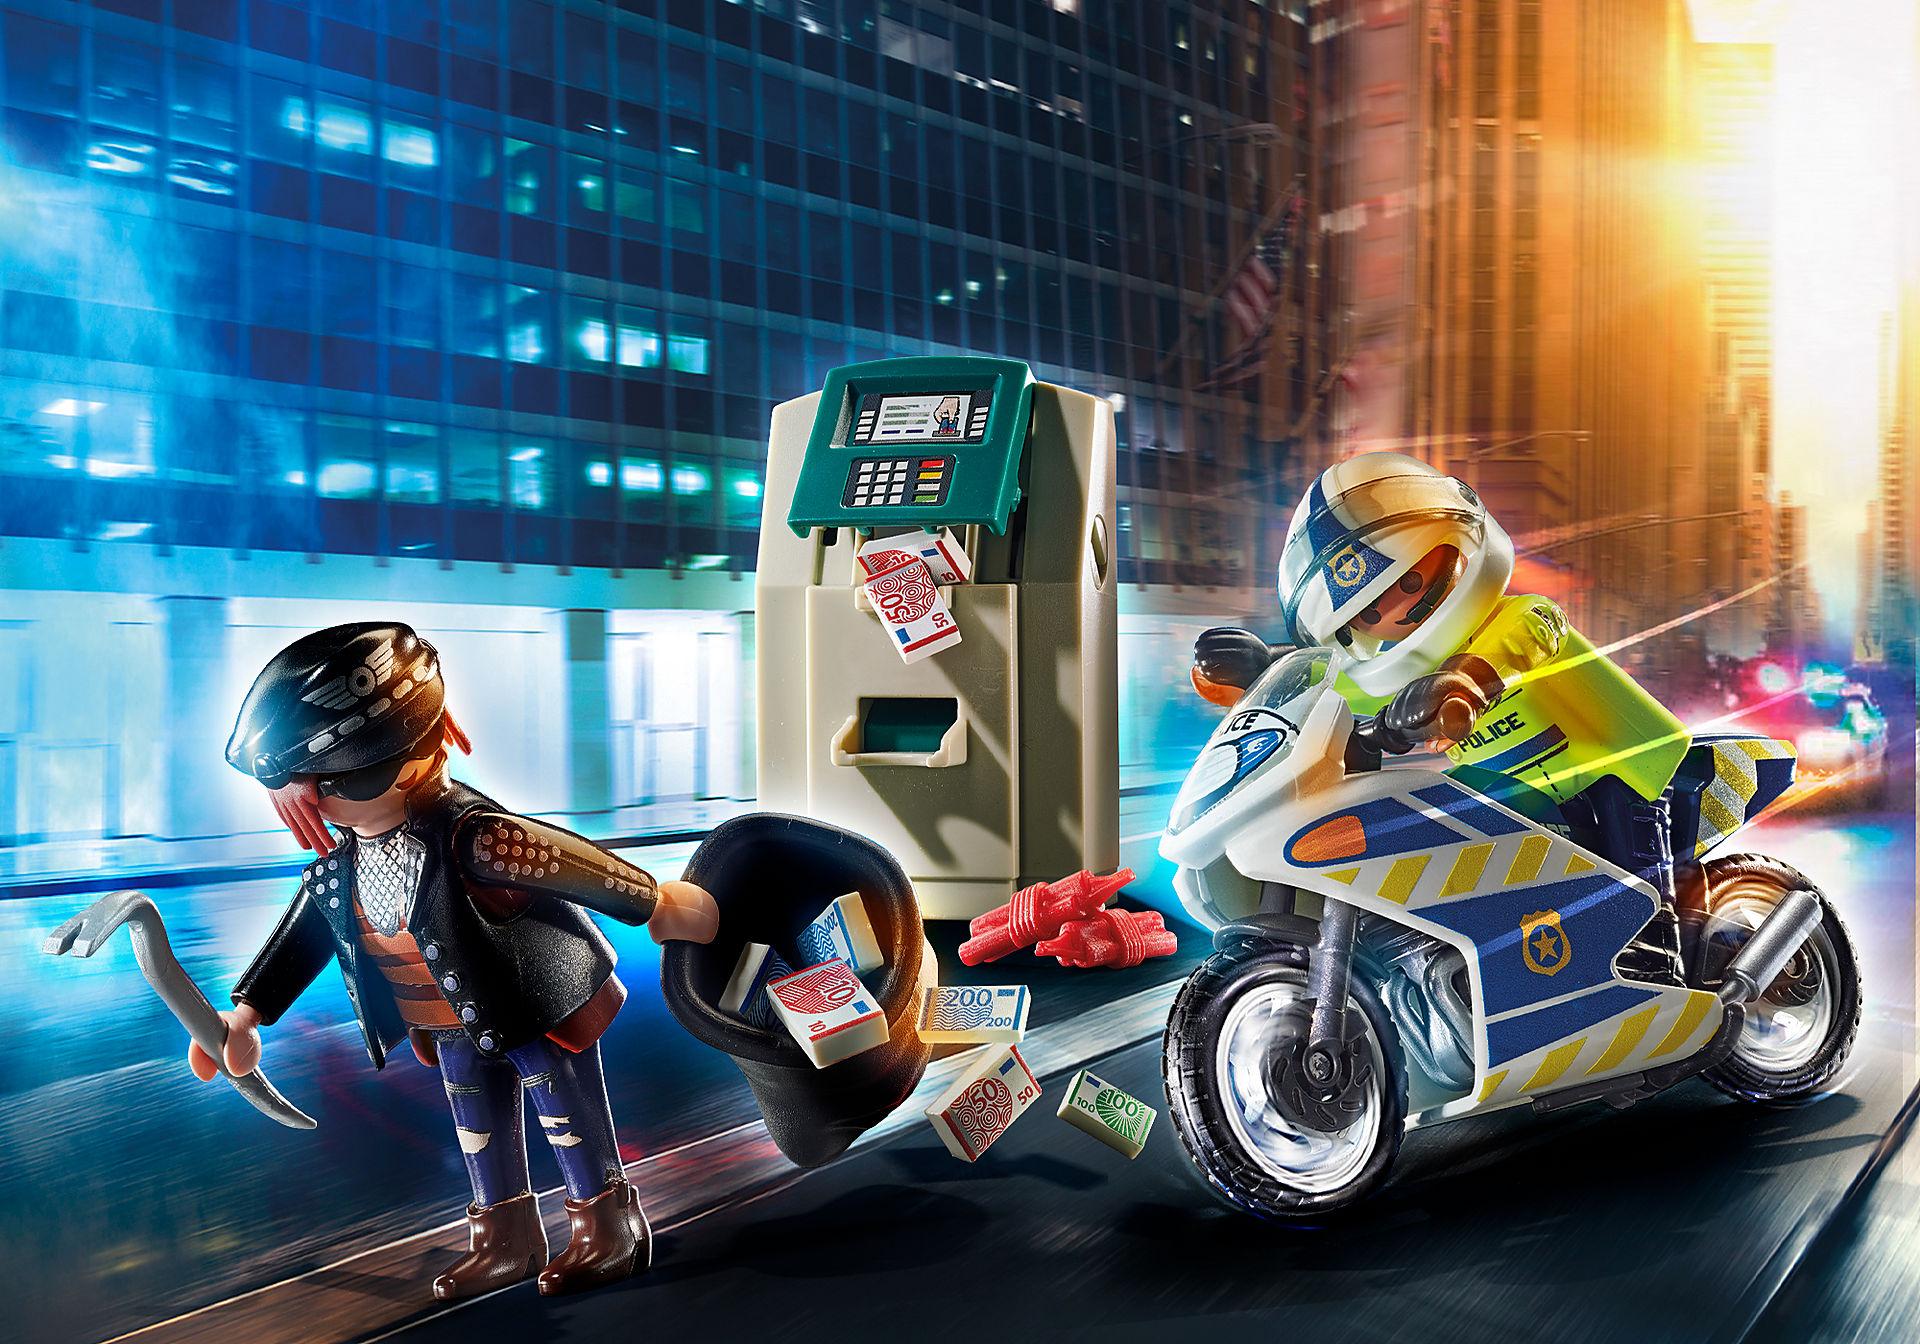 70572 Poliisimoottoripyörä: Raharyöstäjän takaa-ajo zoom image1